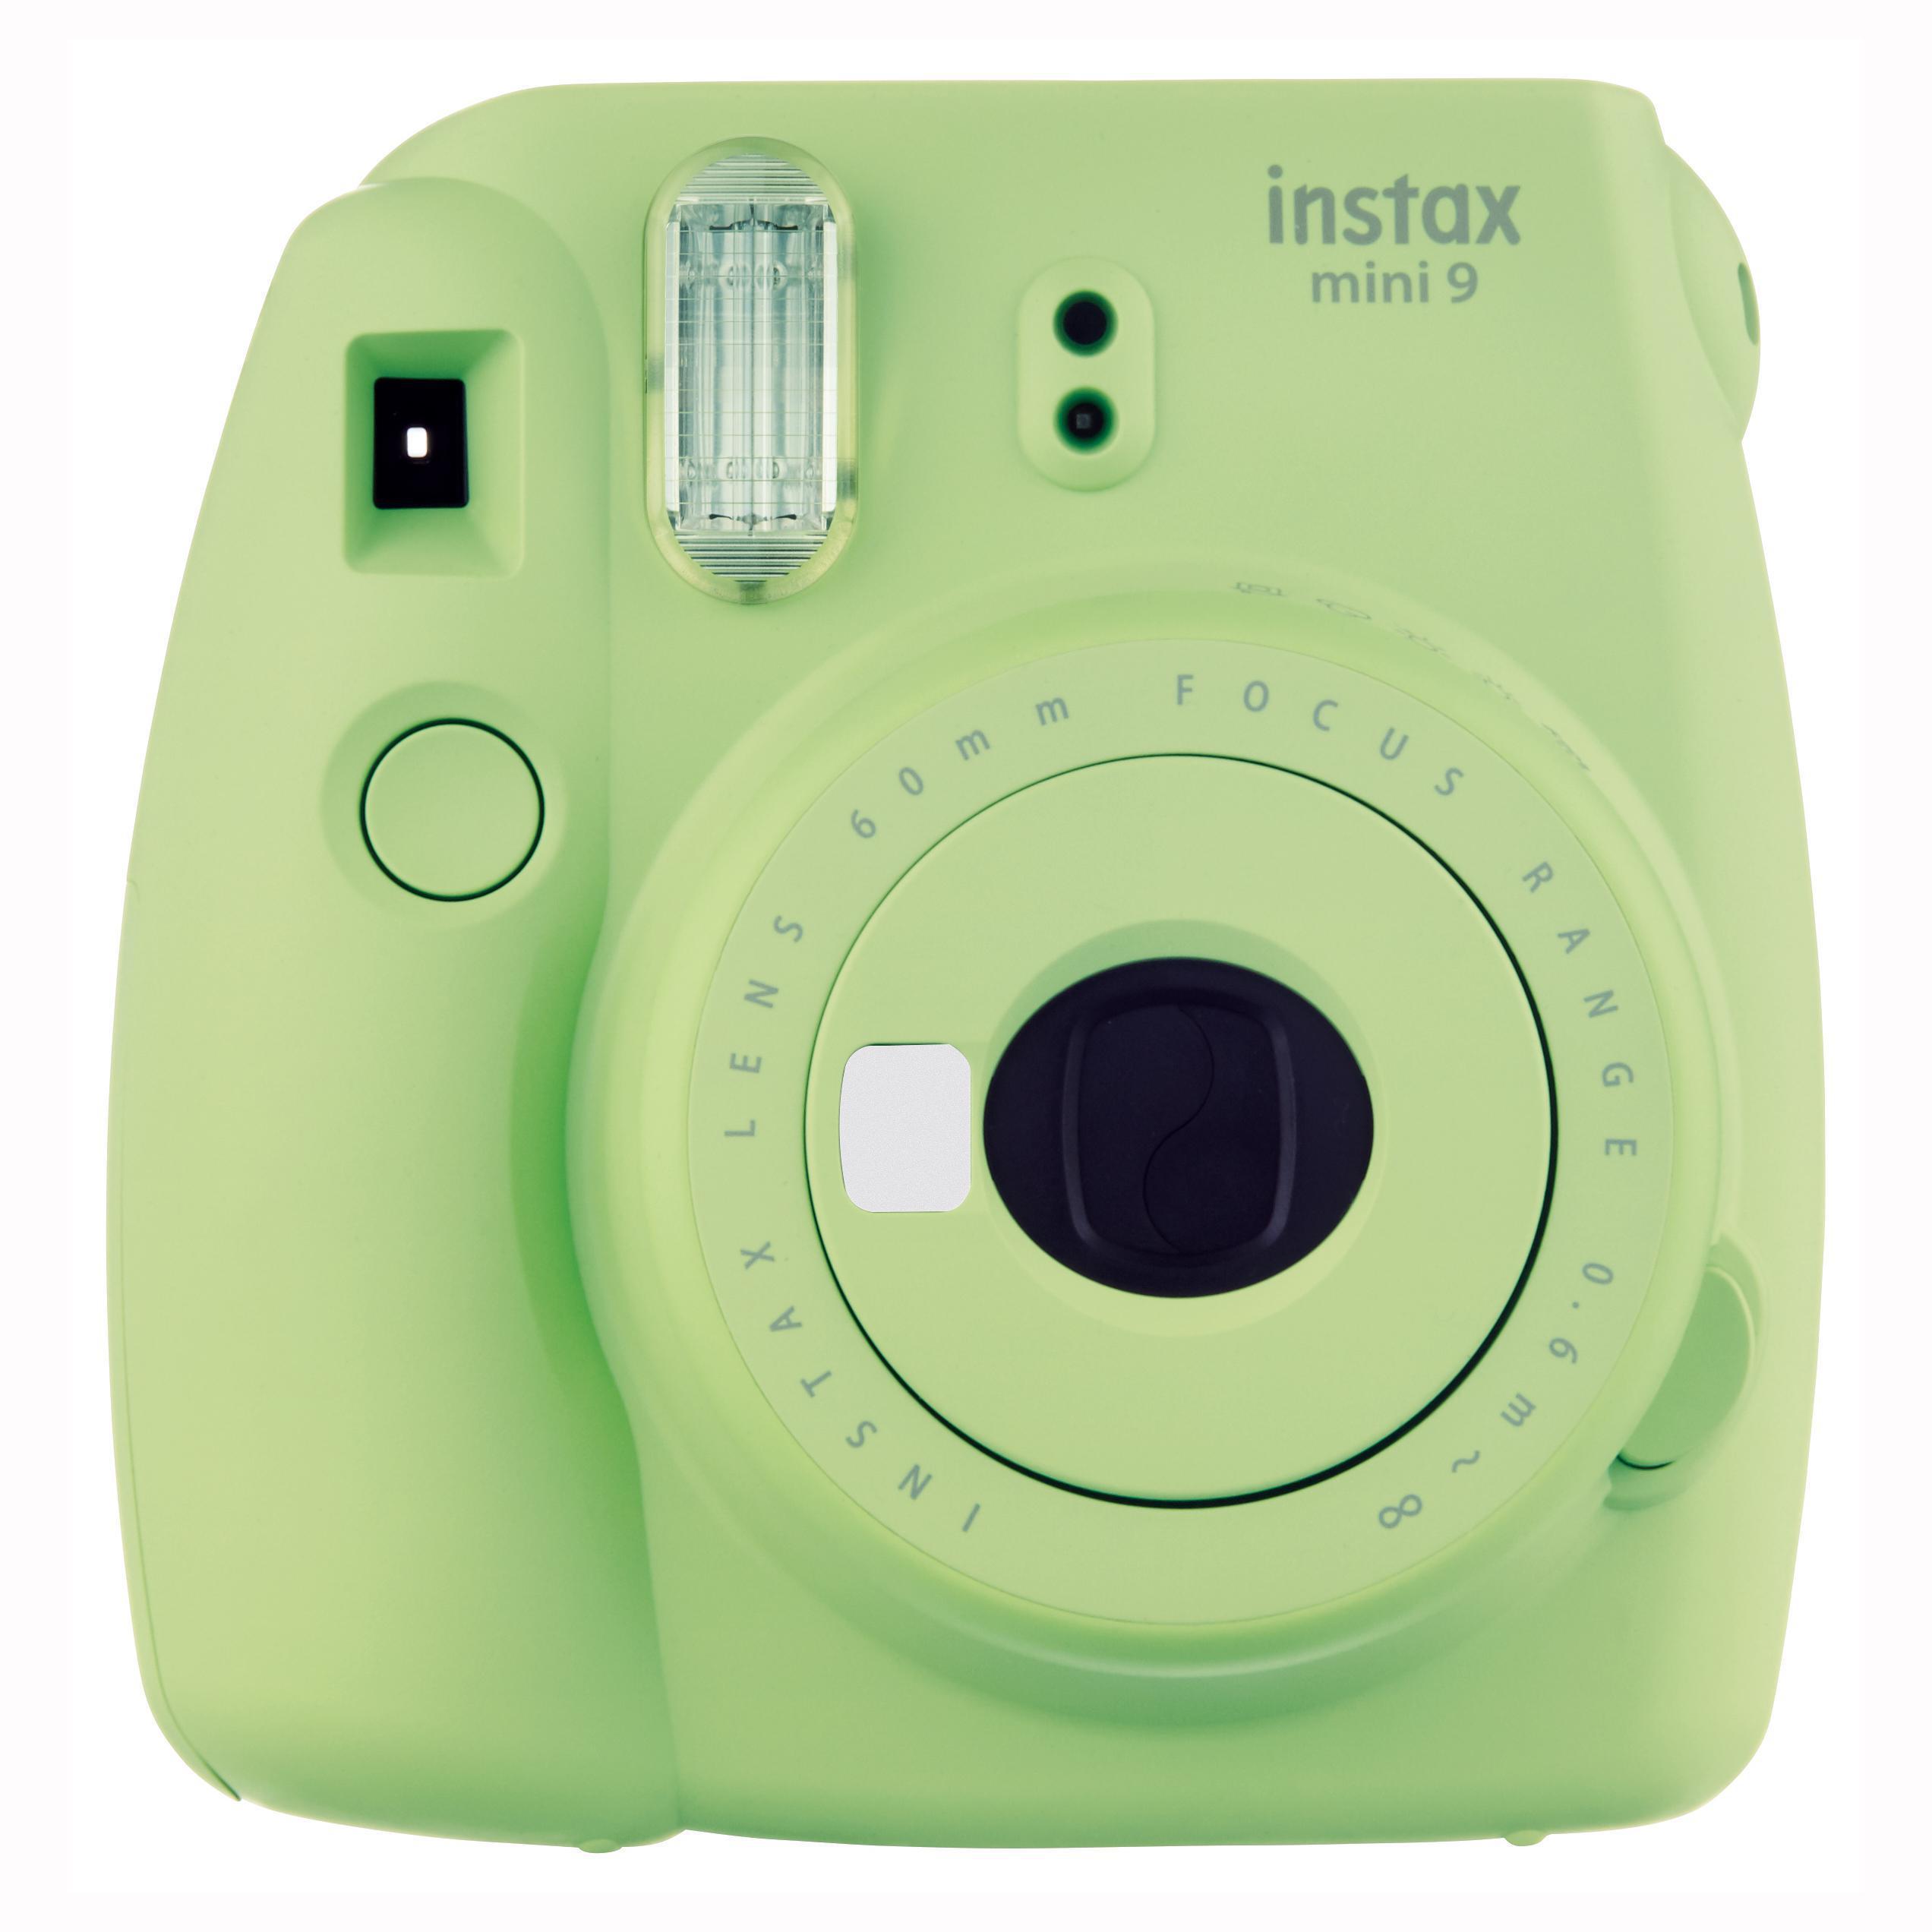 Fujifilm Instax Mini 9 Instant 16Mpx - Green